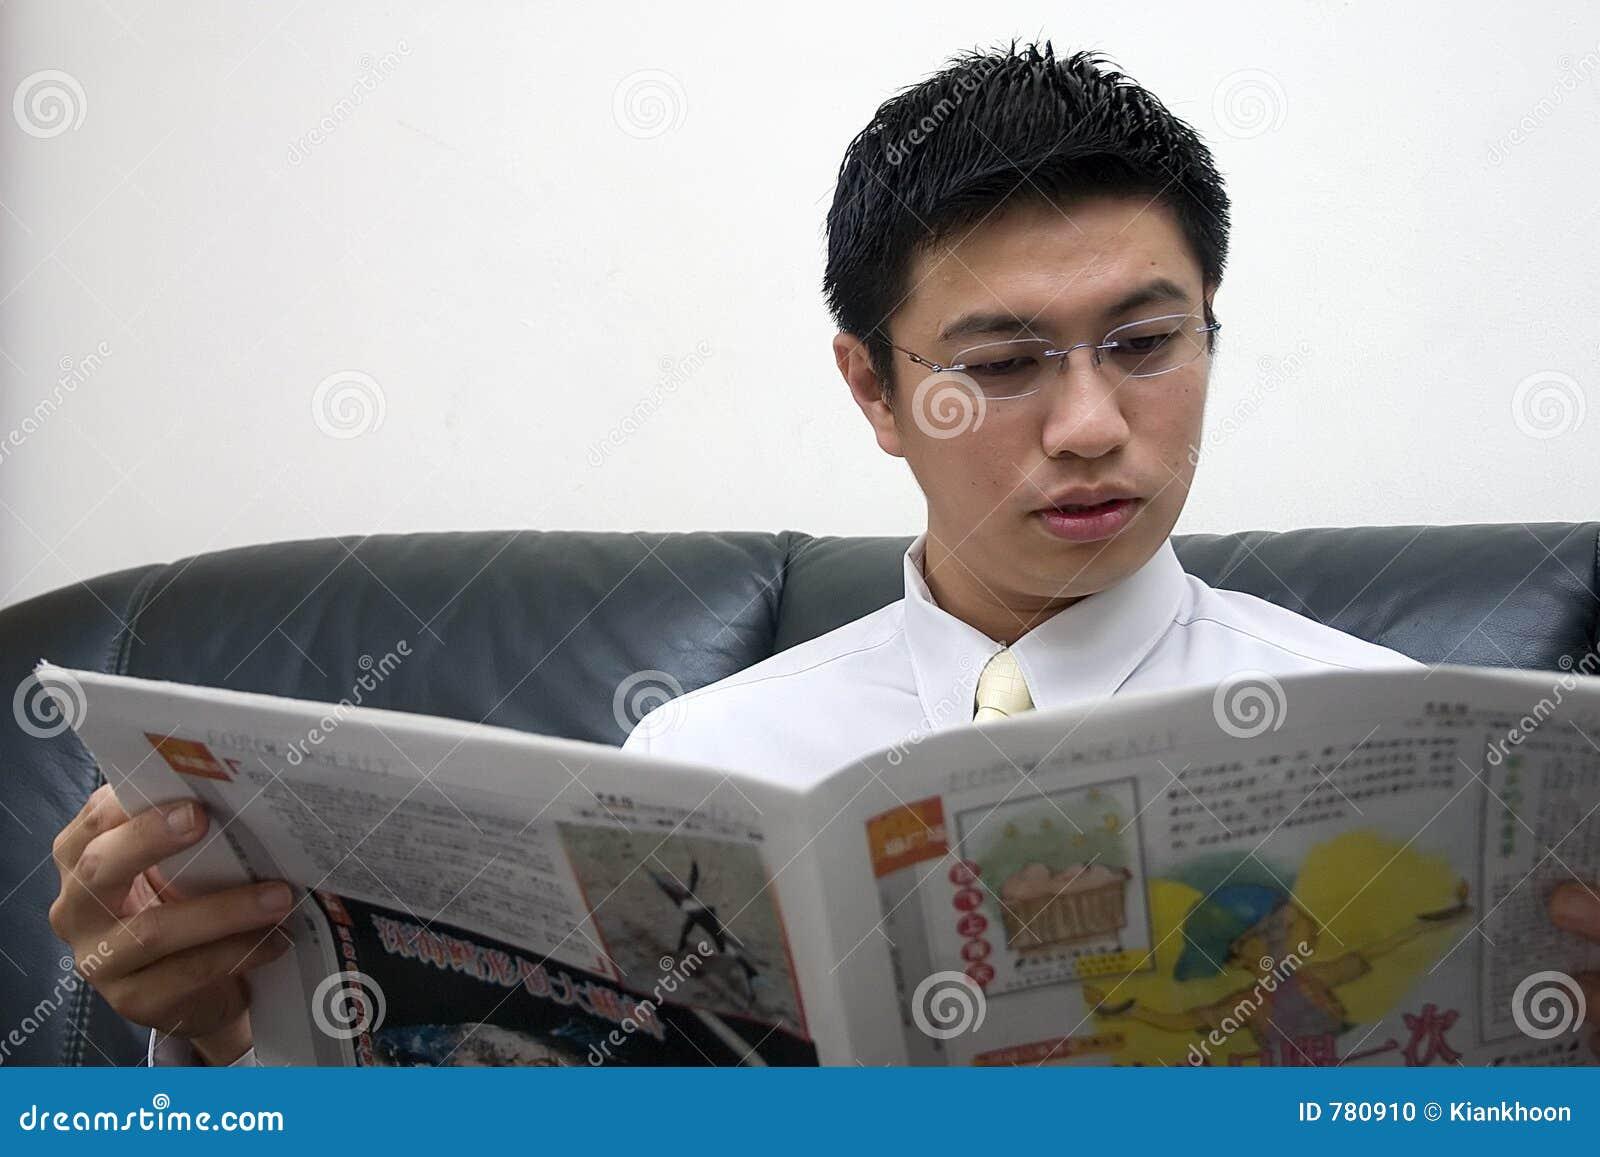 Young Asian Entrepreneur Reading